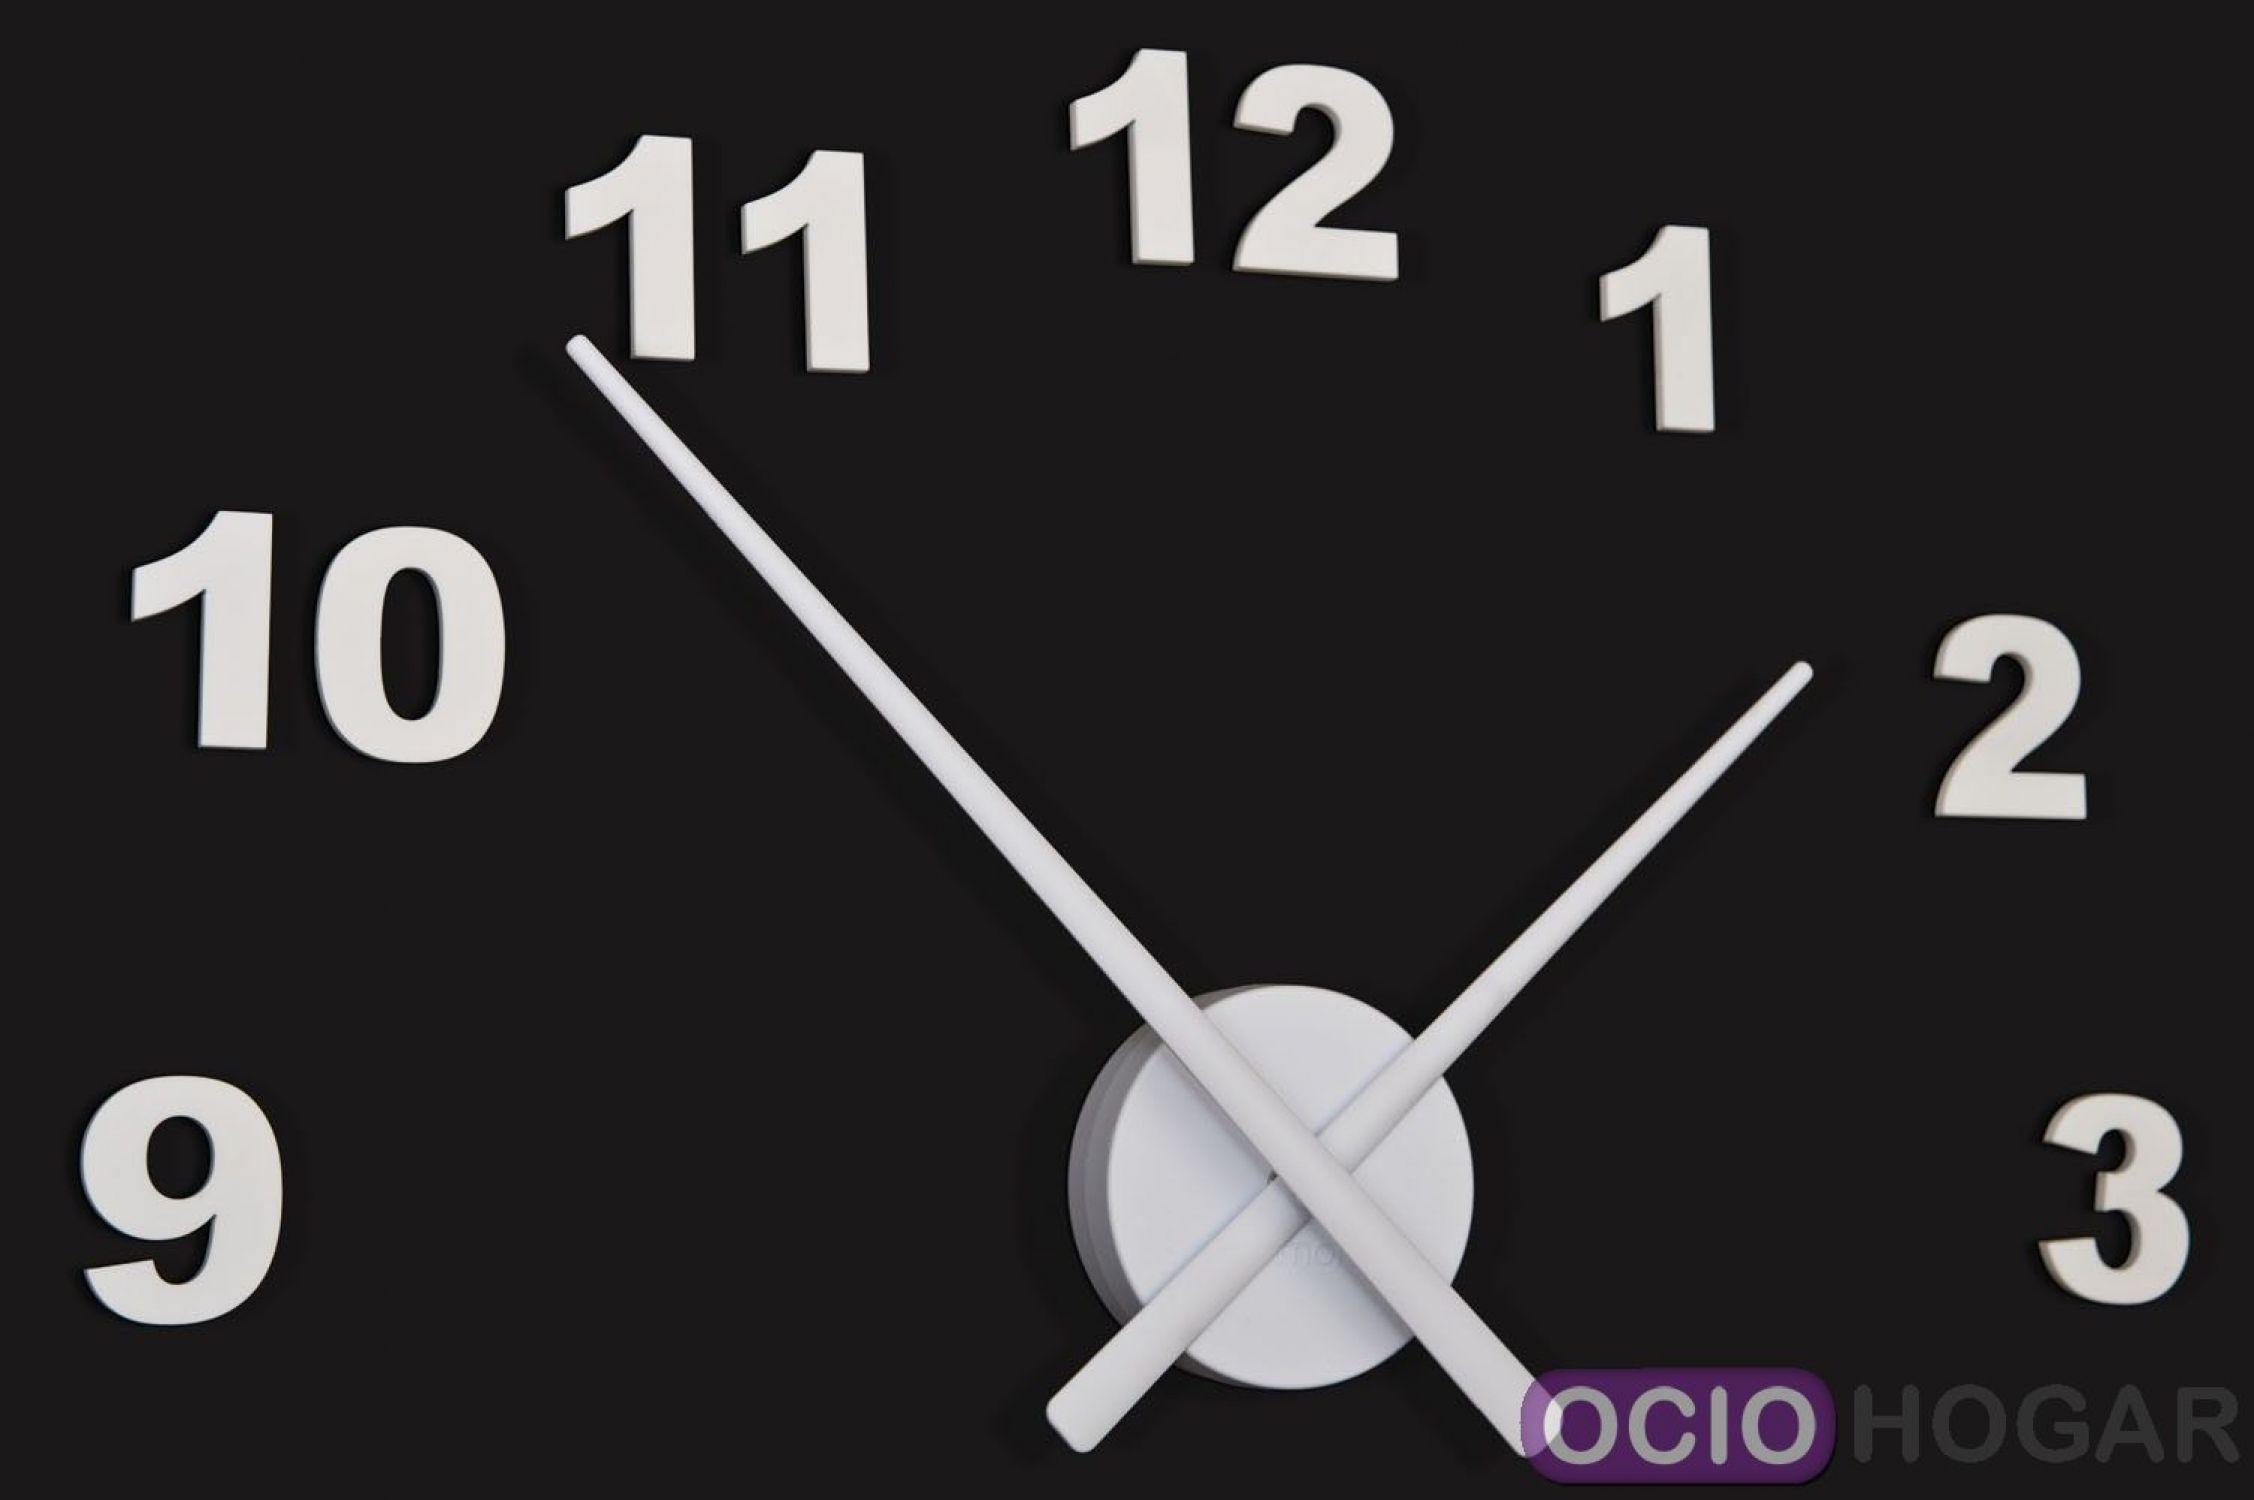 63e94084a0a7 Reloj de pared OJ Números Nomon negro Ver más grande. Previo. Siguiente